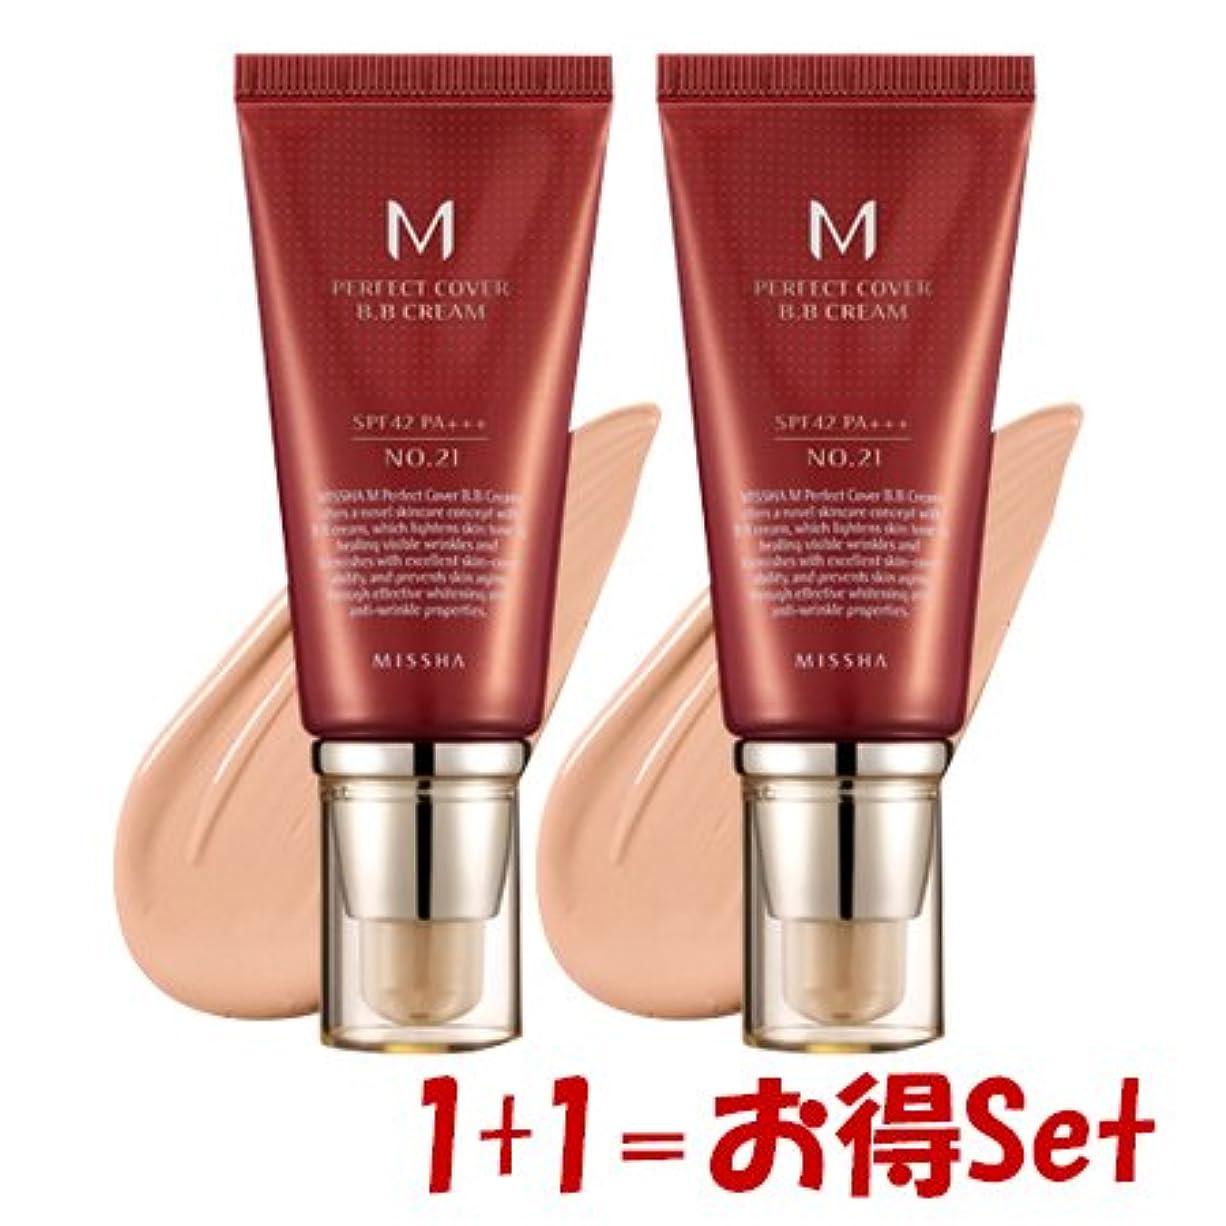 政治家分類避難MISSHA(ミシャ) M Perfect Cover パーフェクトカバーBBクリーム 21号+ 21号(1+1=Set) [並行輸入品]